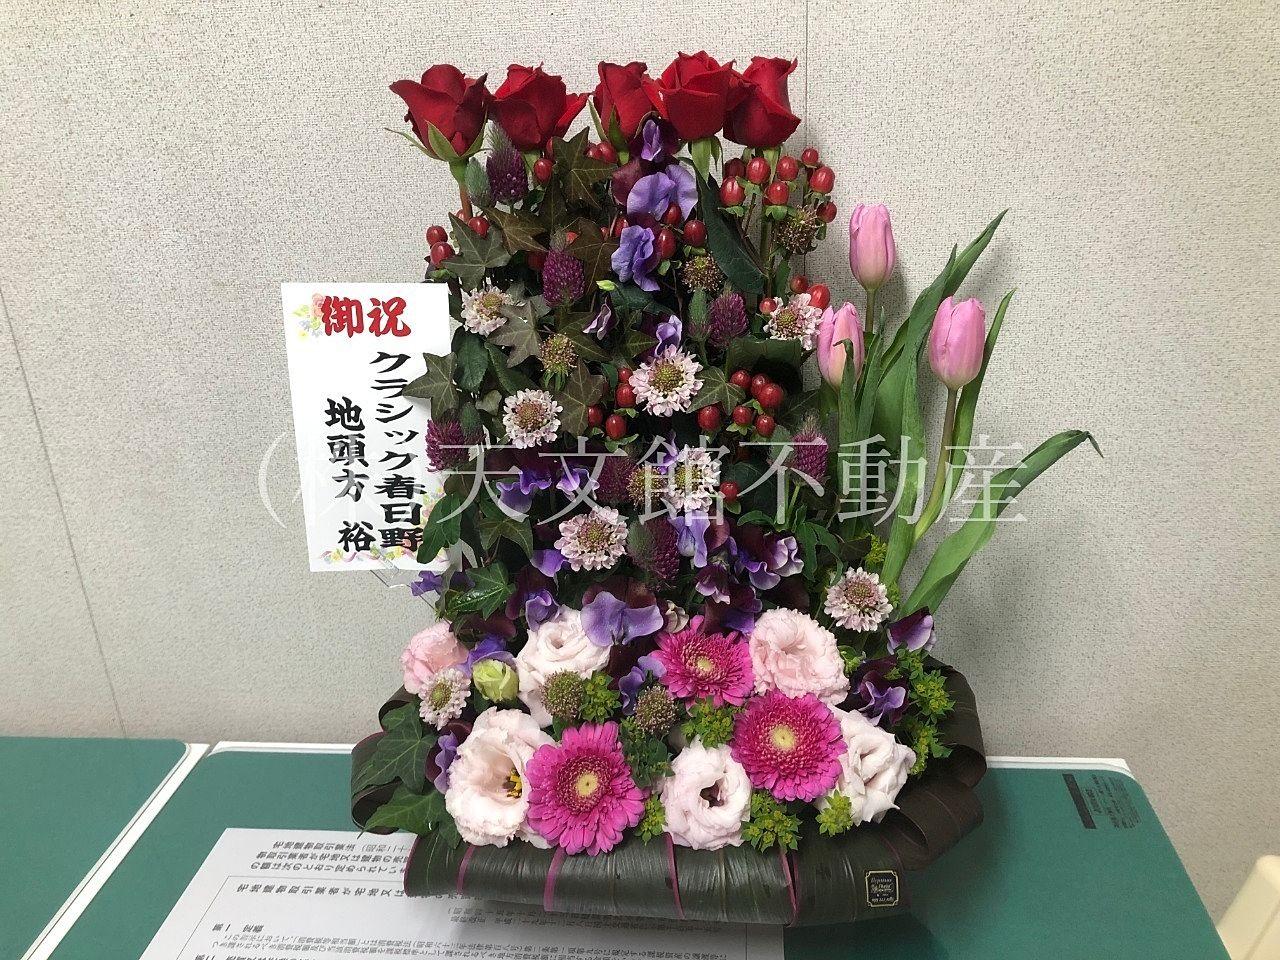 鹿児島市新照院町「花の店イイヤマ」安くて綺麗で配達も早いです。